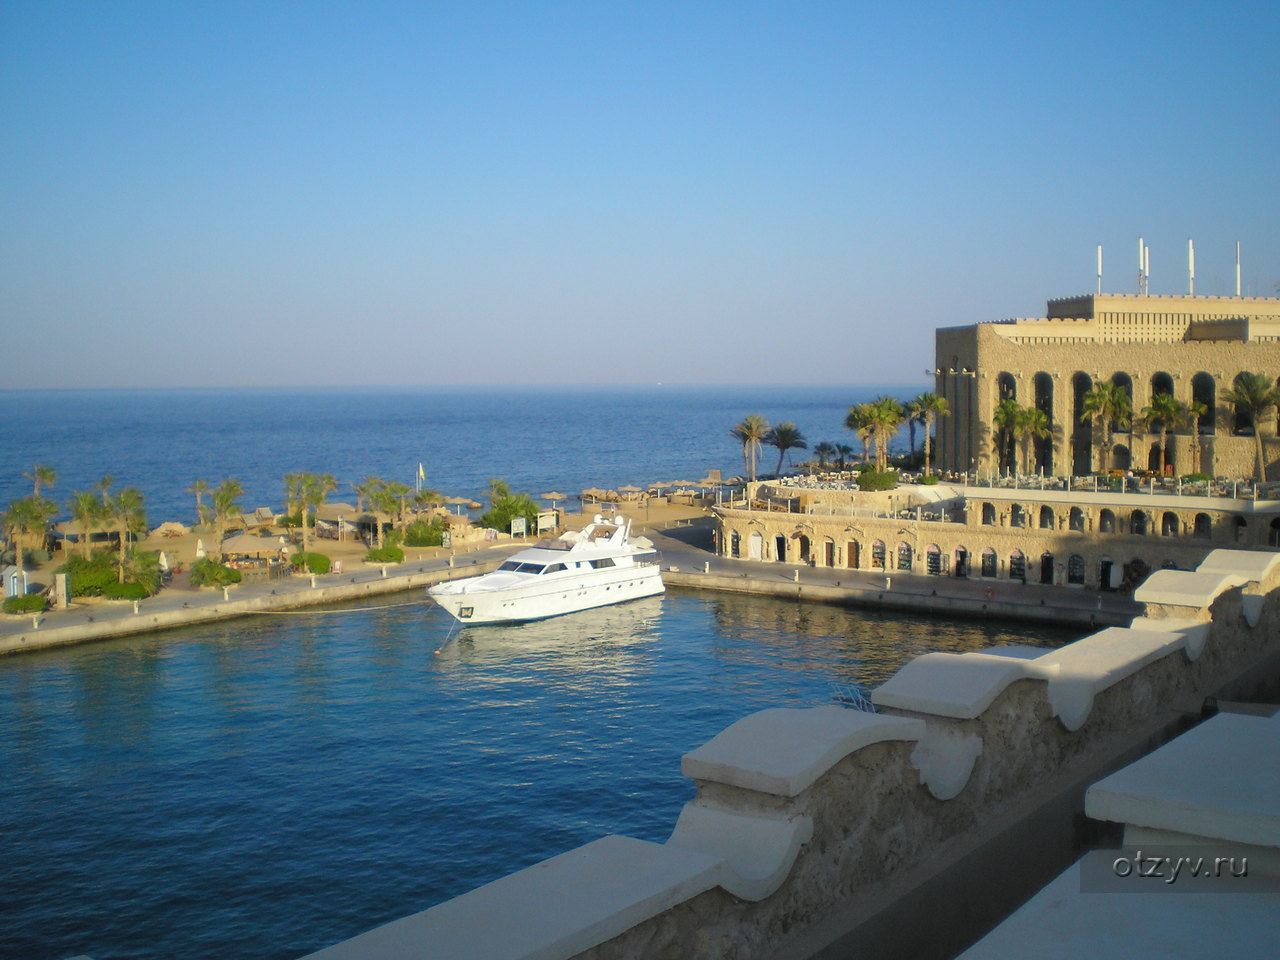 сплетение египет хургада отель цитадель азур резорт фото посте